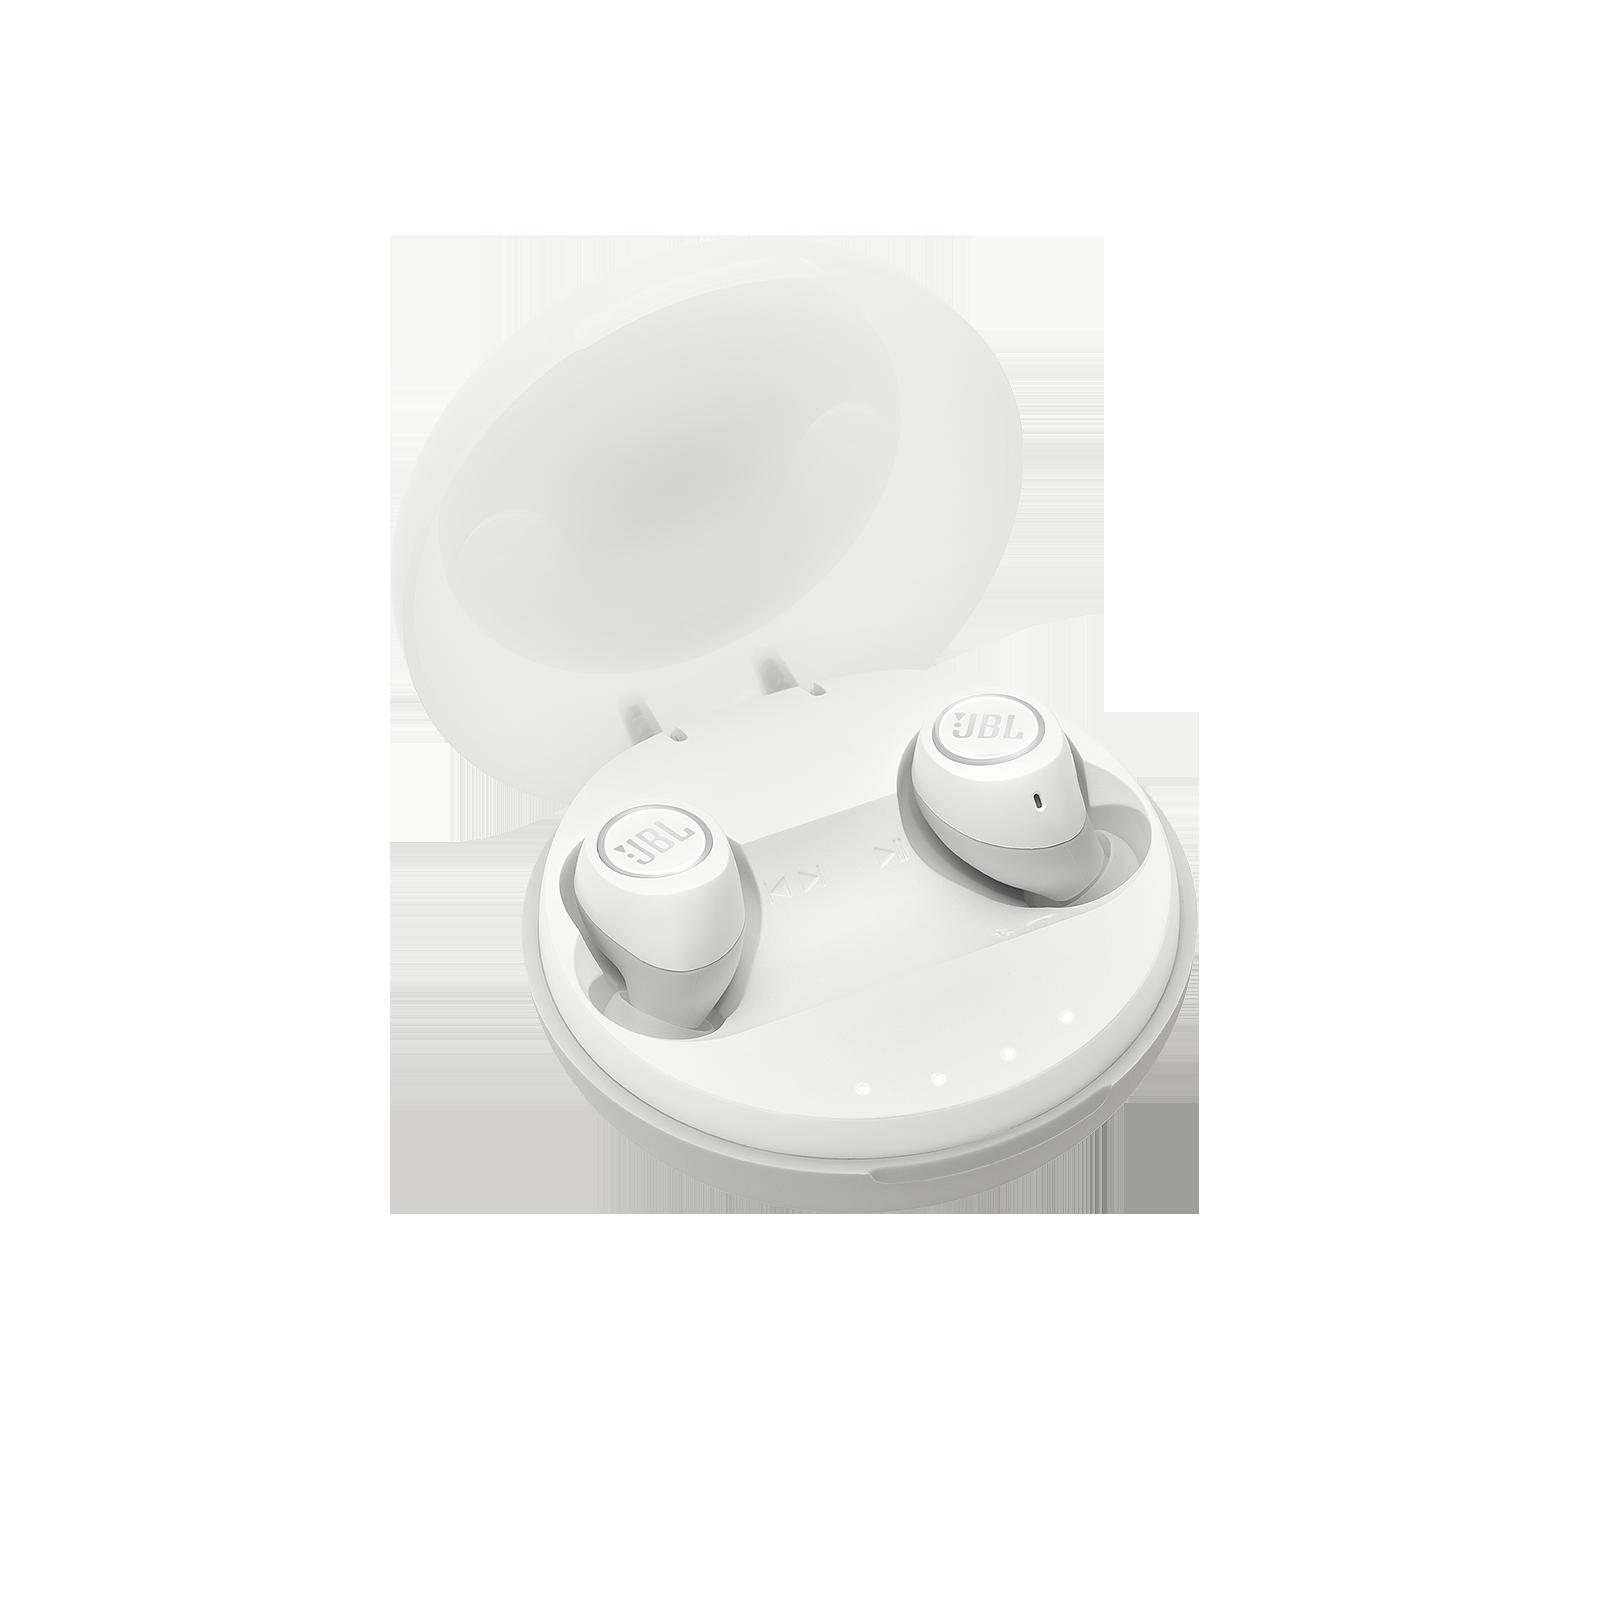 JBL Free X - White - Truly wireless in-ear headphones - Hero